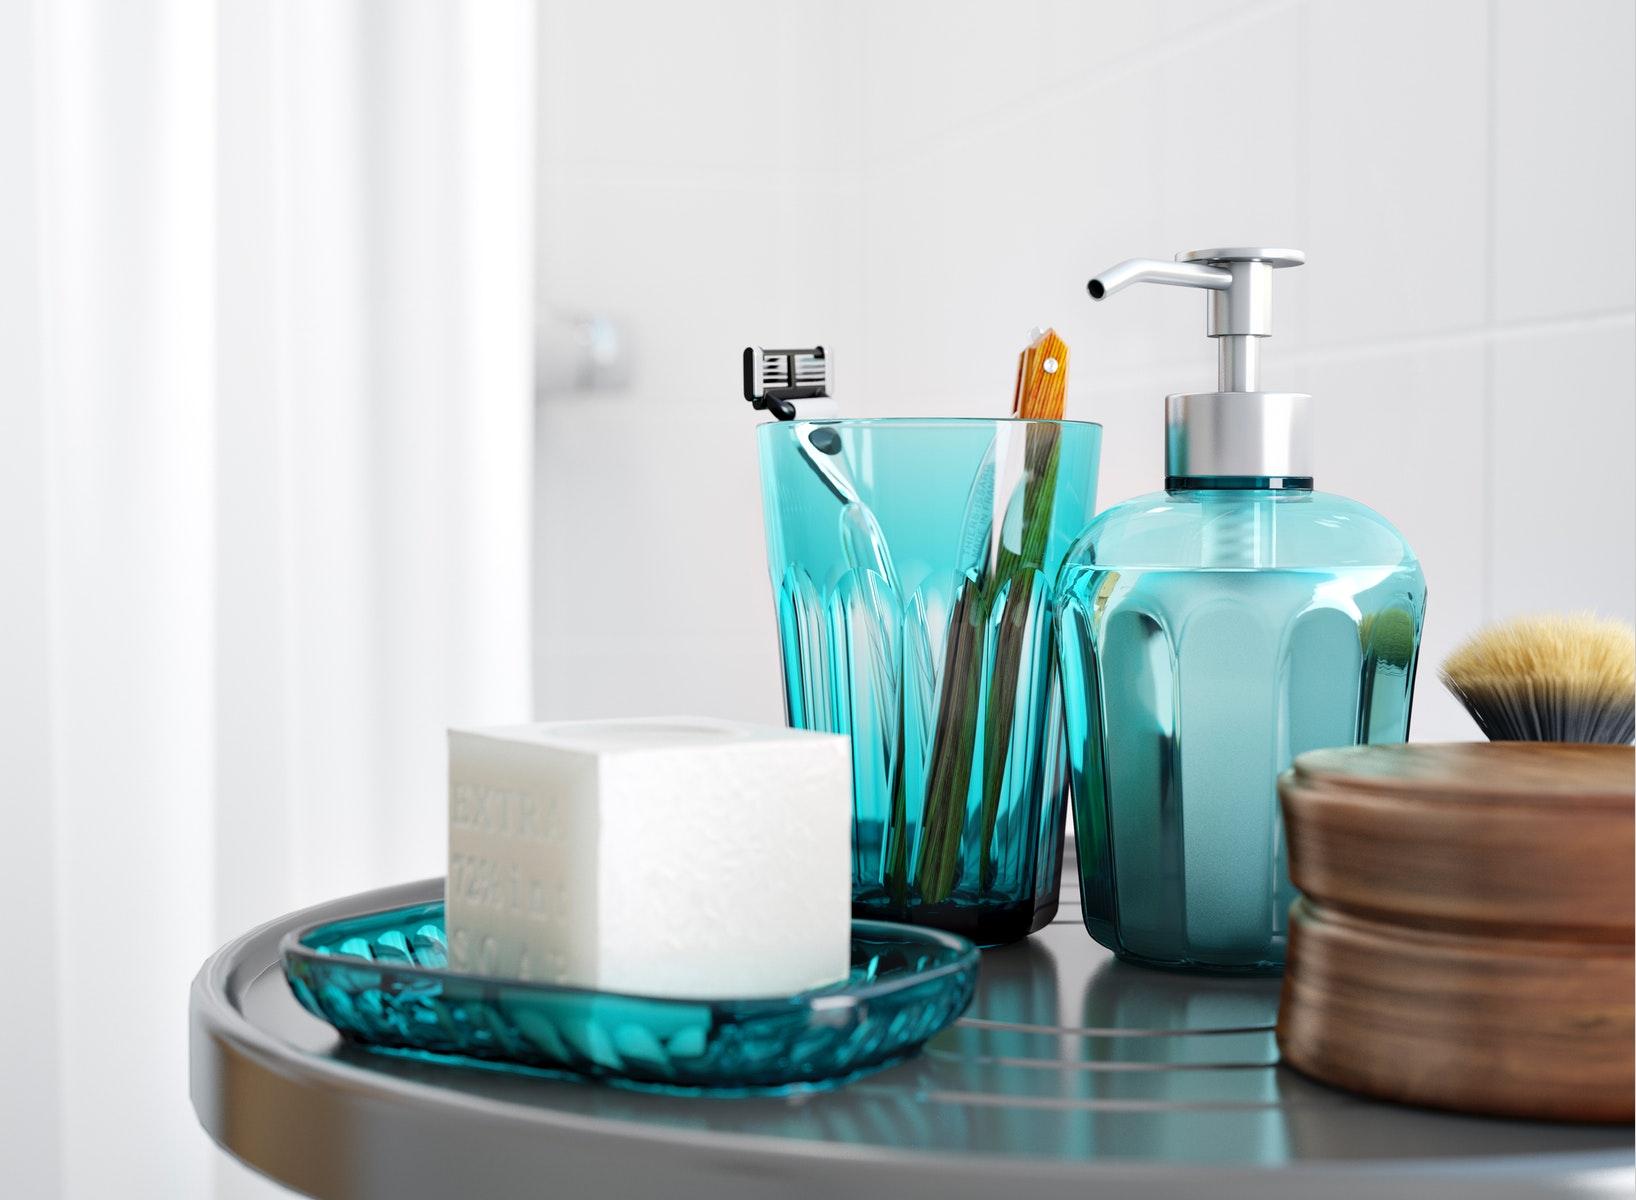 黑色SVARTSJÖN掛鈎配以同系列的藍綠色水杯和梘液器。